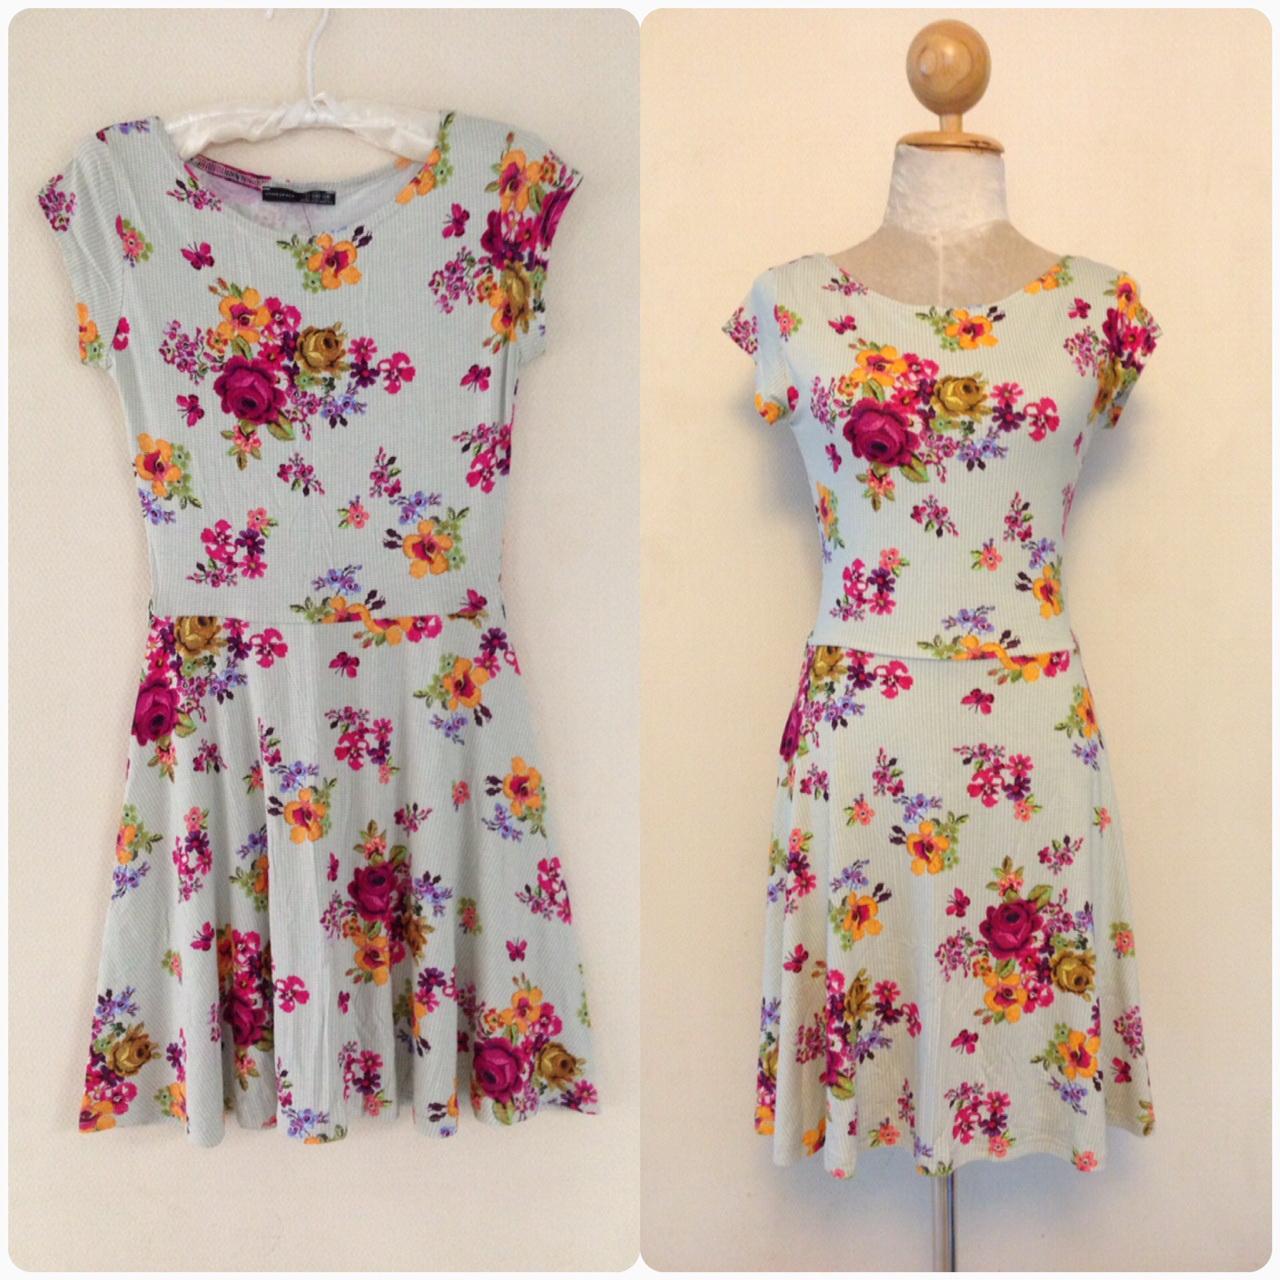 Primark Floral Dress Size Uk6-Uk8